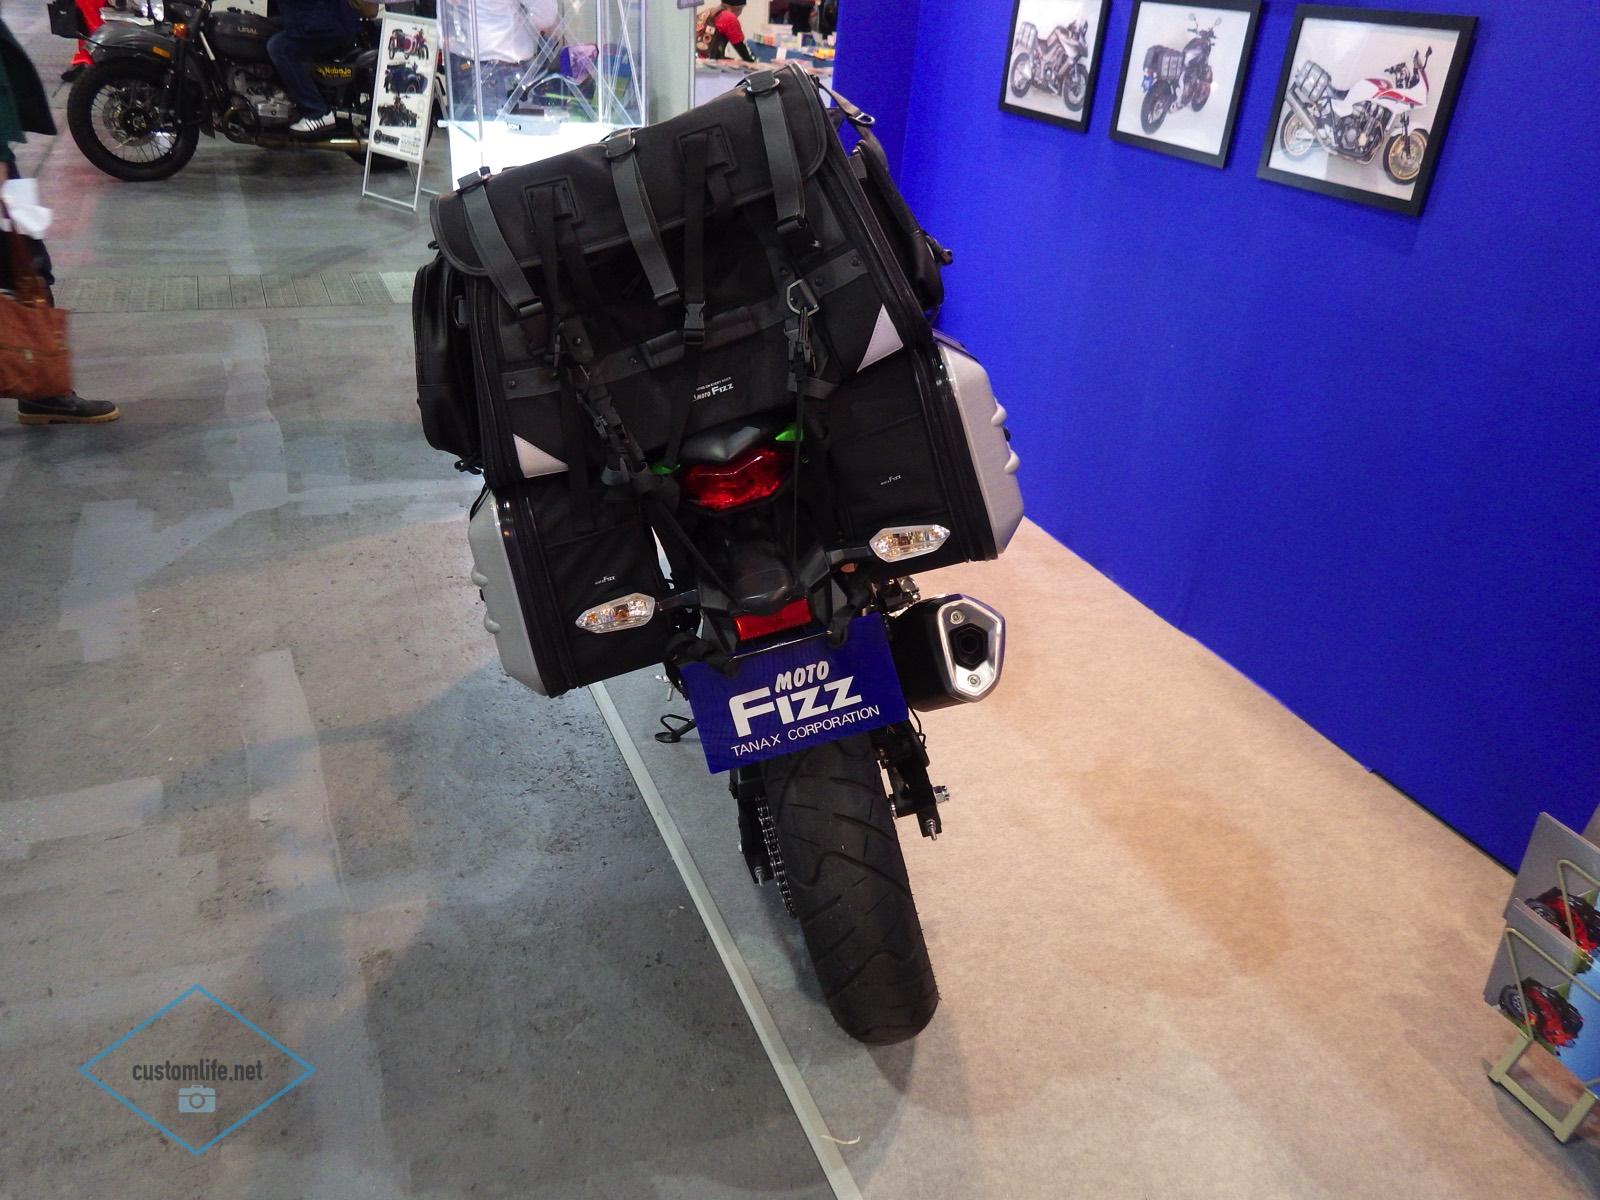 MotorcycleShow 2015 Osaka 75